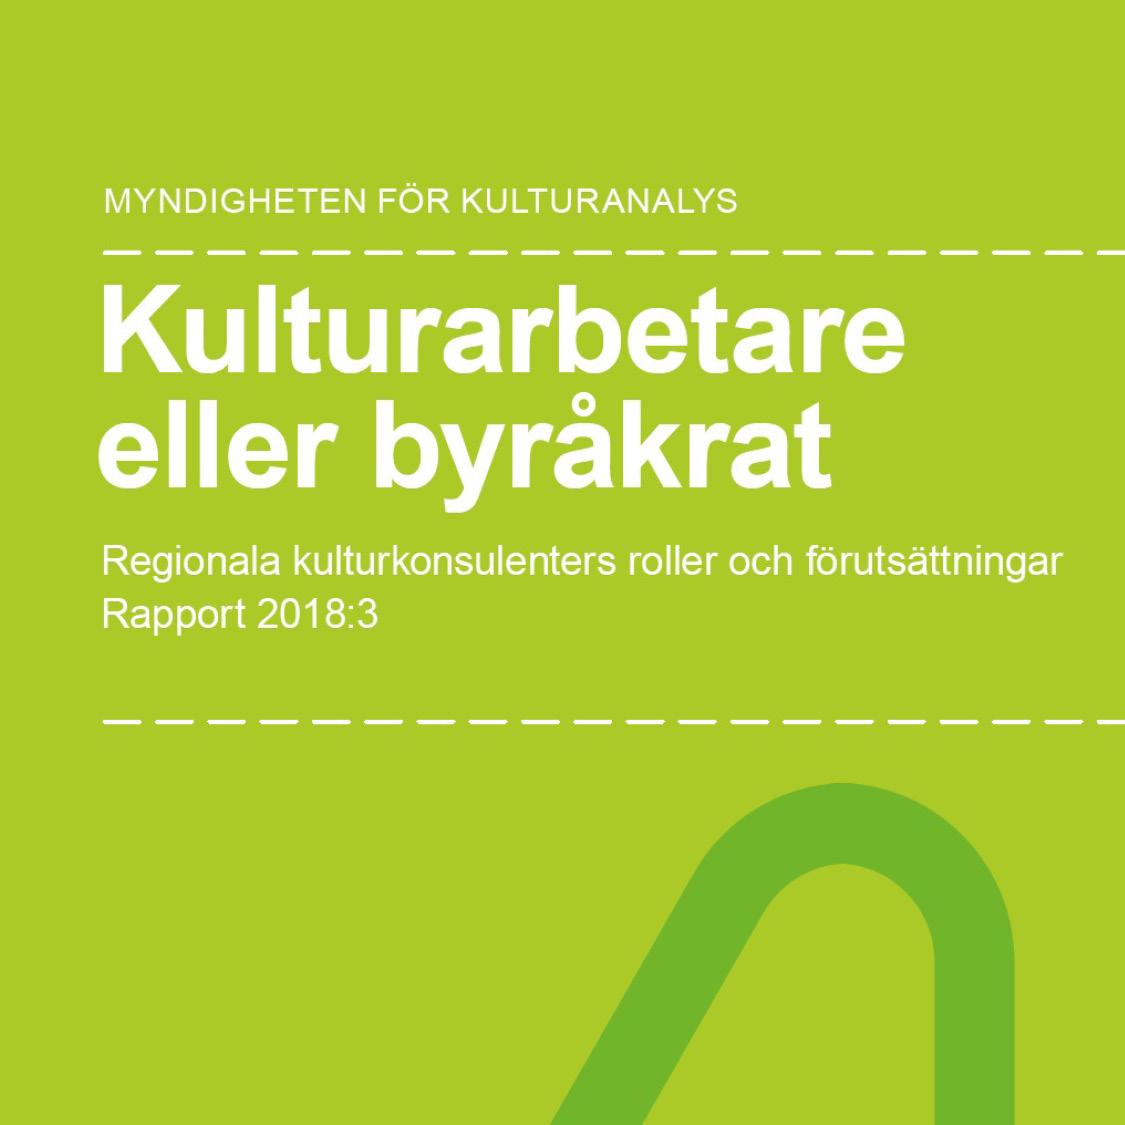 Rapport: Kulturarbetare eller byråkrat